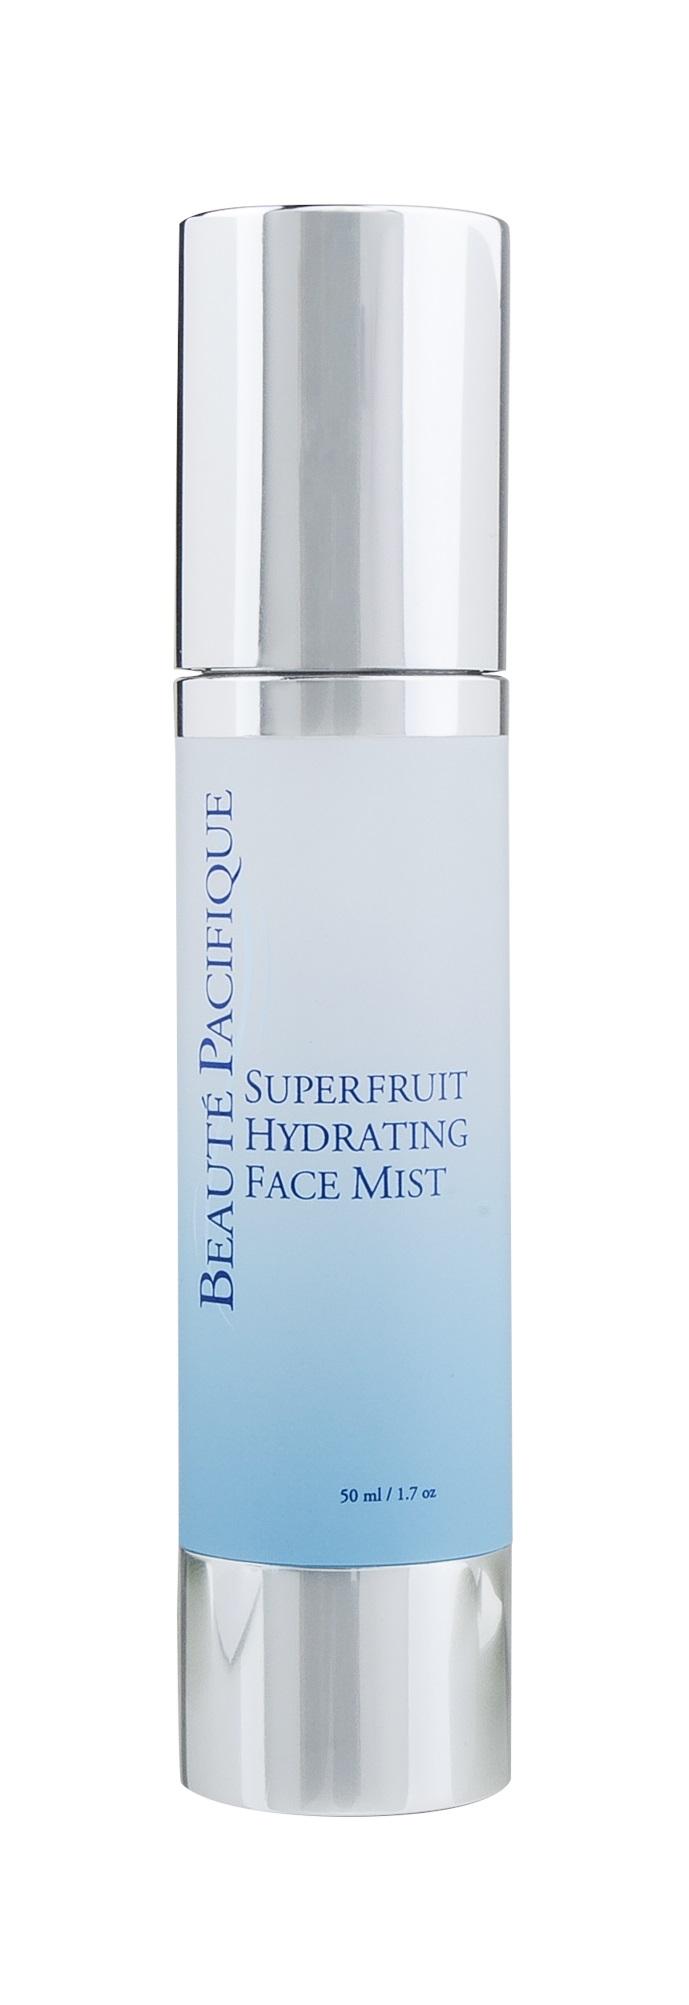 Beauté Pacifique - Superfruit Hydrating Face Mist 50 ml